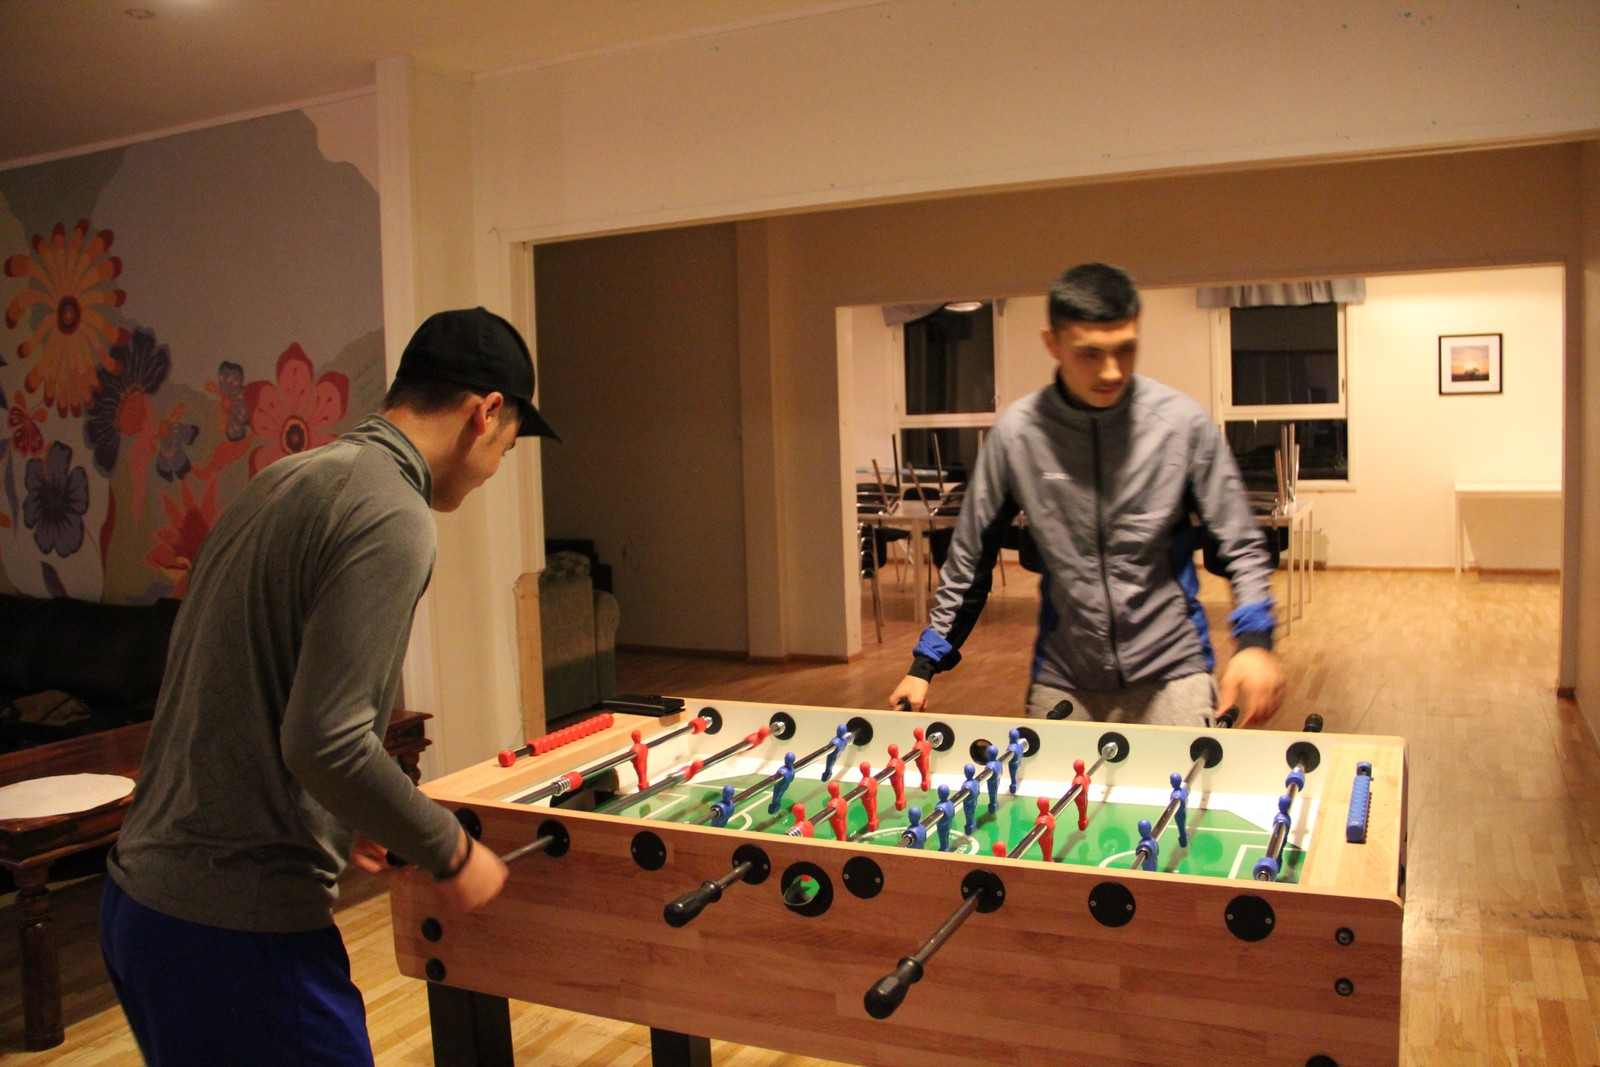 FOTBALL: Når gutta ikke spiller fotball på banen, spiller de gjerne fotball likevel.